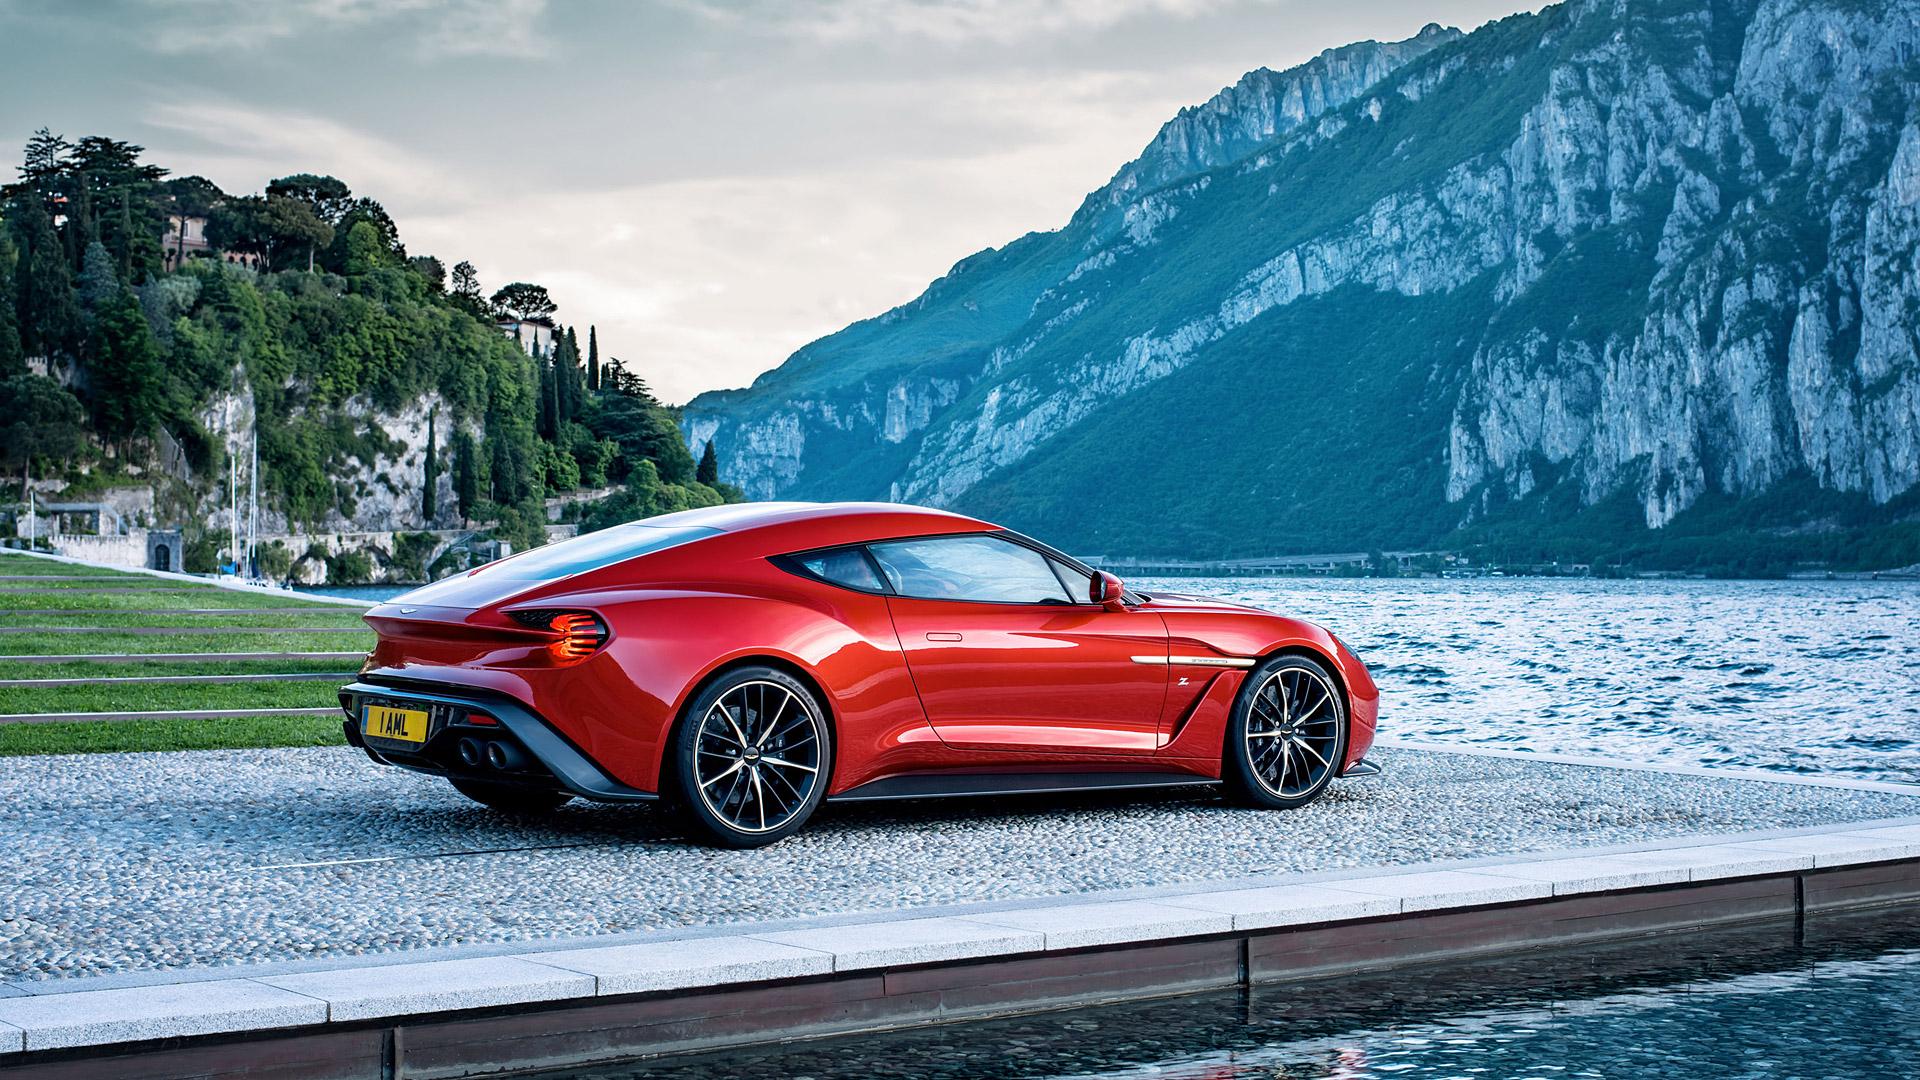 2017-aston-martin-vanquish-zagato-coupe-3-1080